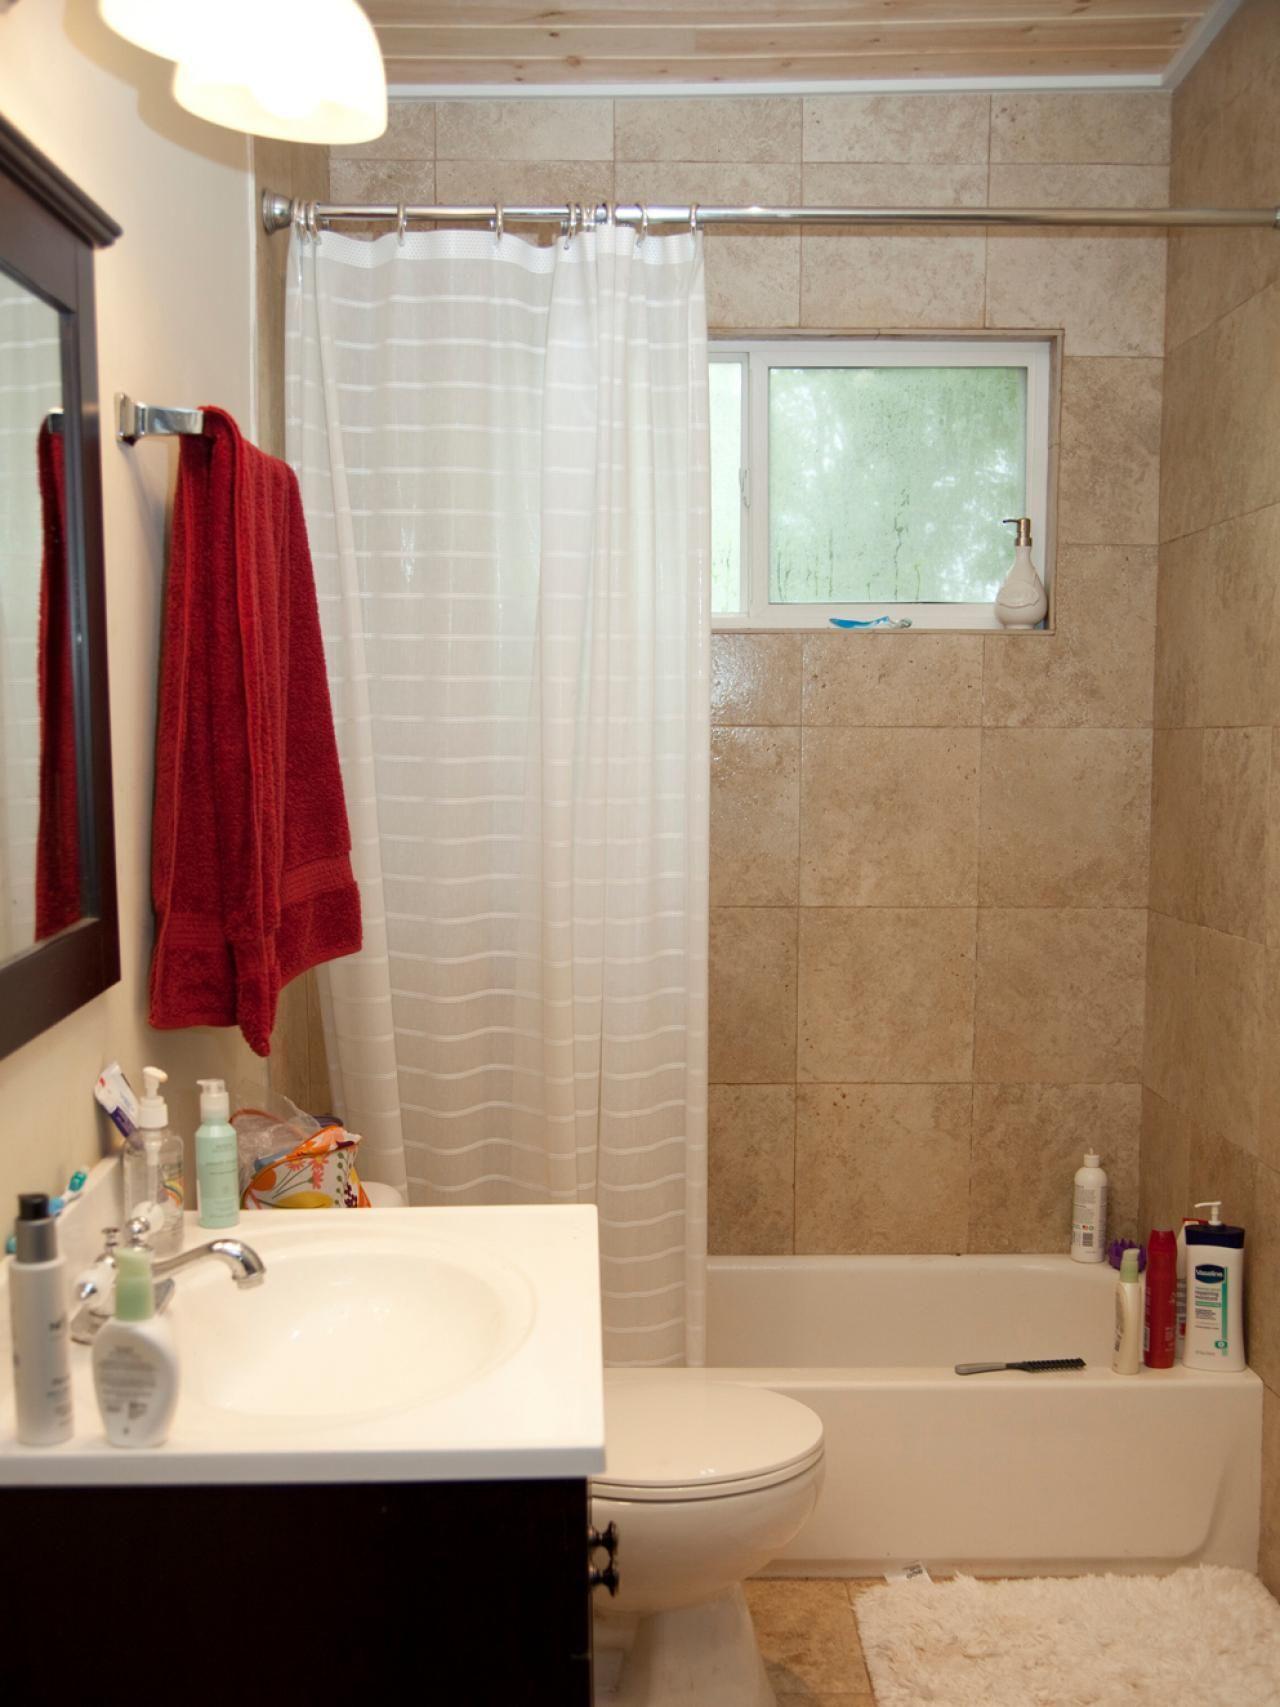 Kleines Bad Makeovers Moderne Kleine Bader Kleine Badezimmer Design Bad Renovieren